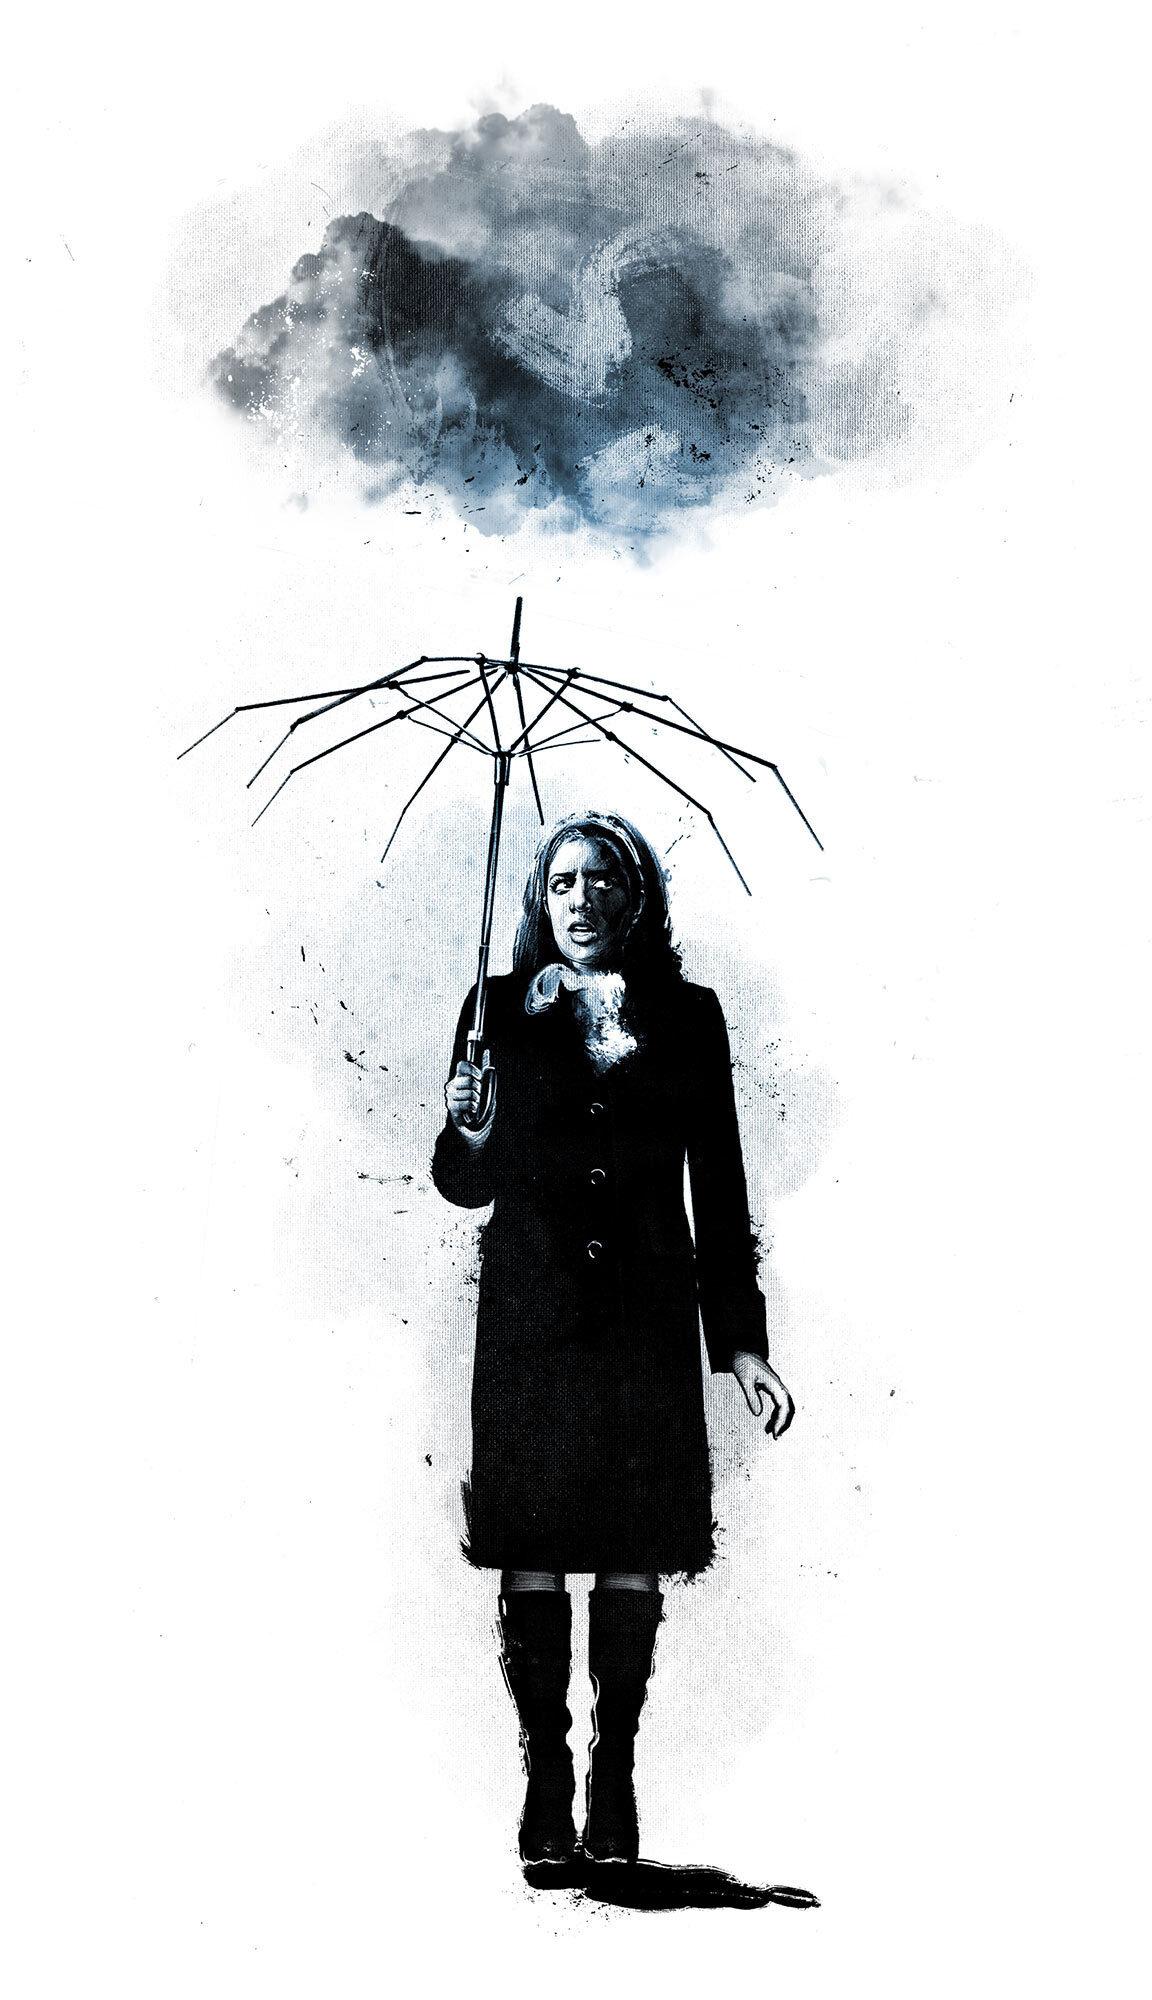 Editorial illustration schirm umbrella risk prevention risikovorsorge krisenmanagement - Kornel Illustration | Kornel Stadler portfolio